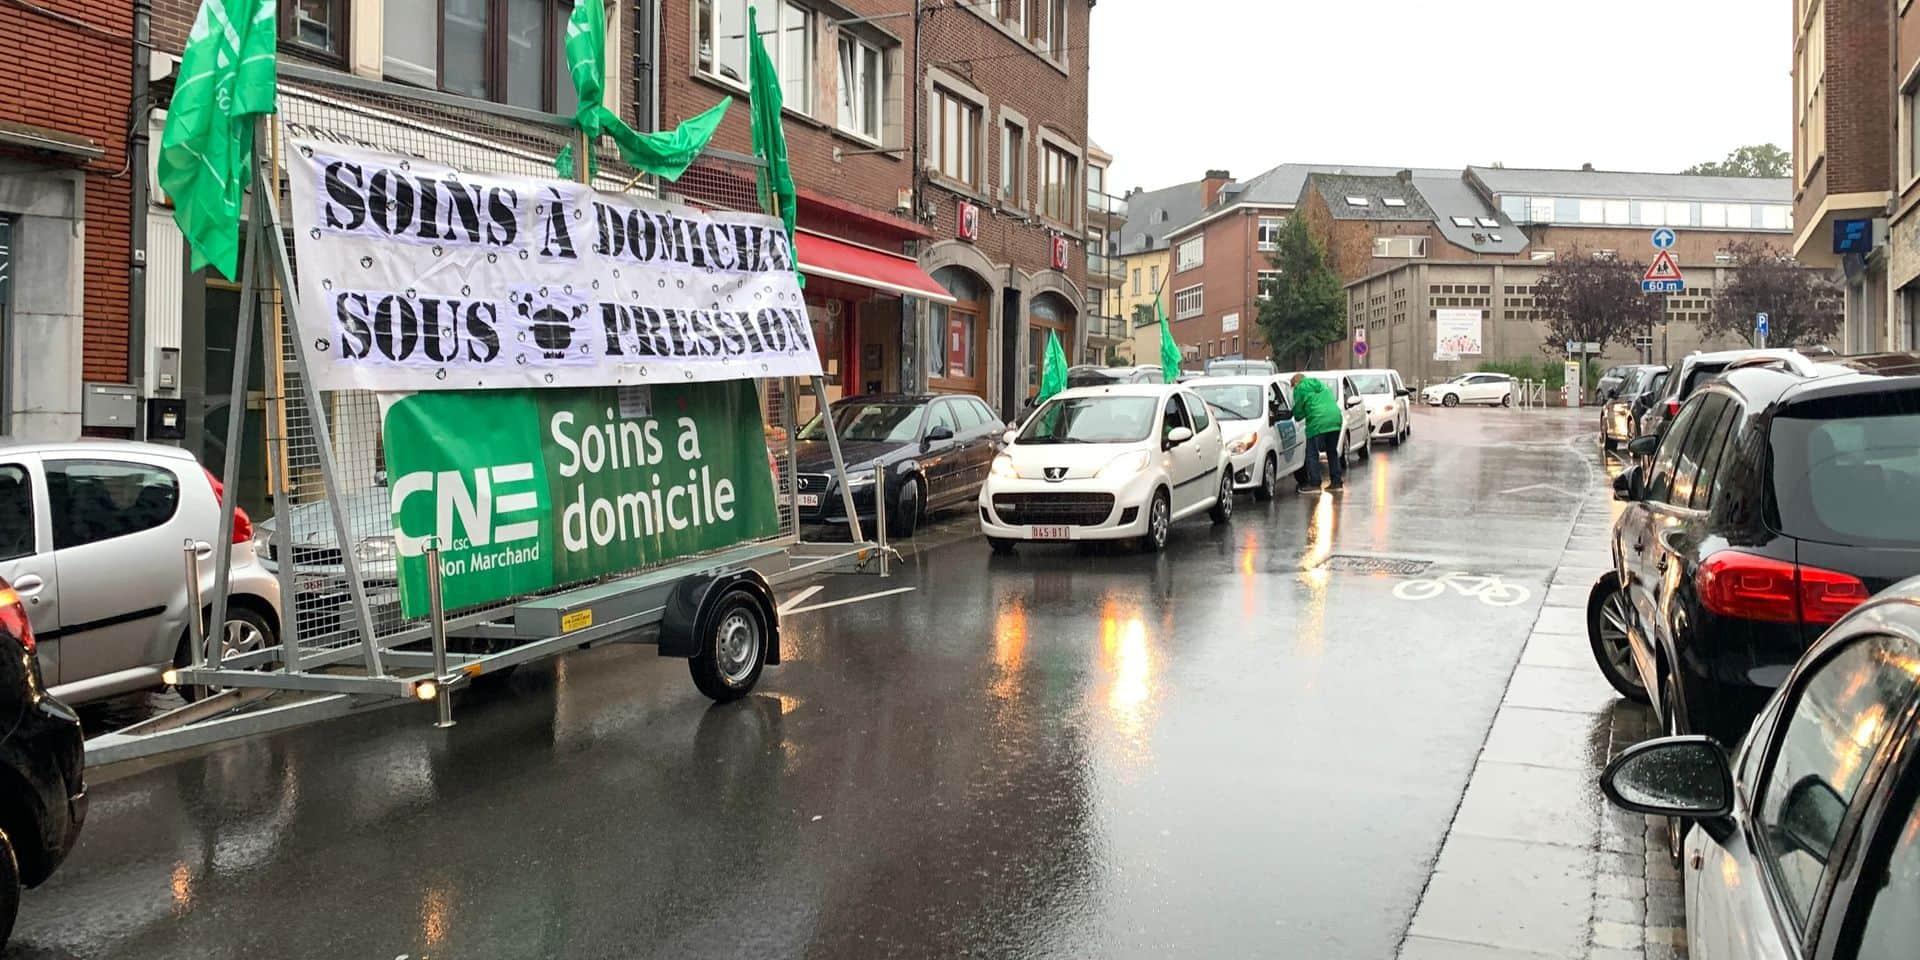 Une action escargot à Nivelles pour dénoncer la pression sur les soins à domicile